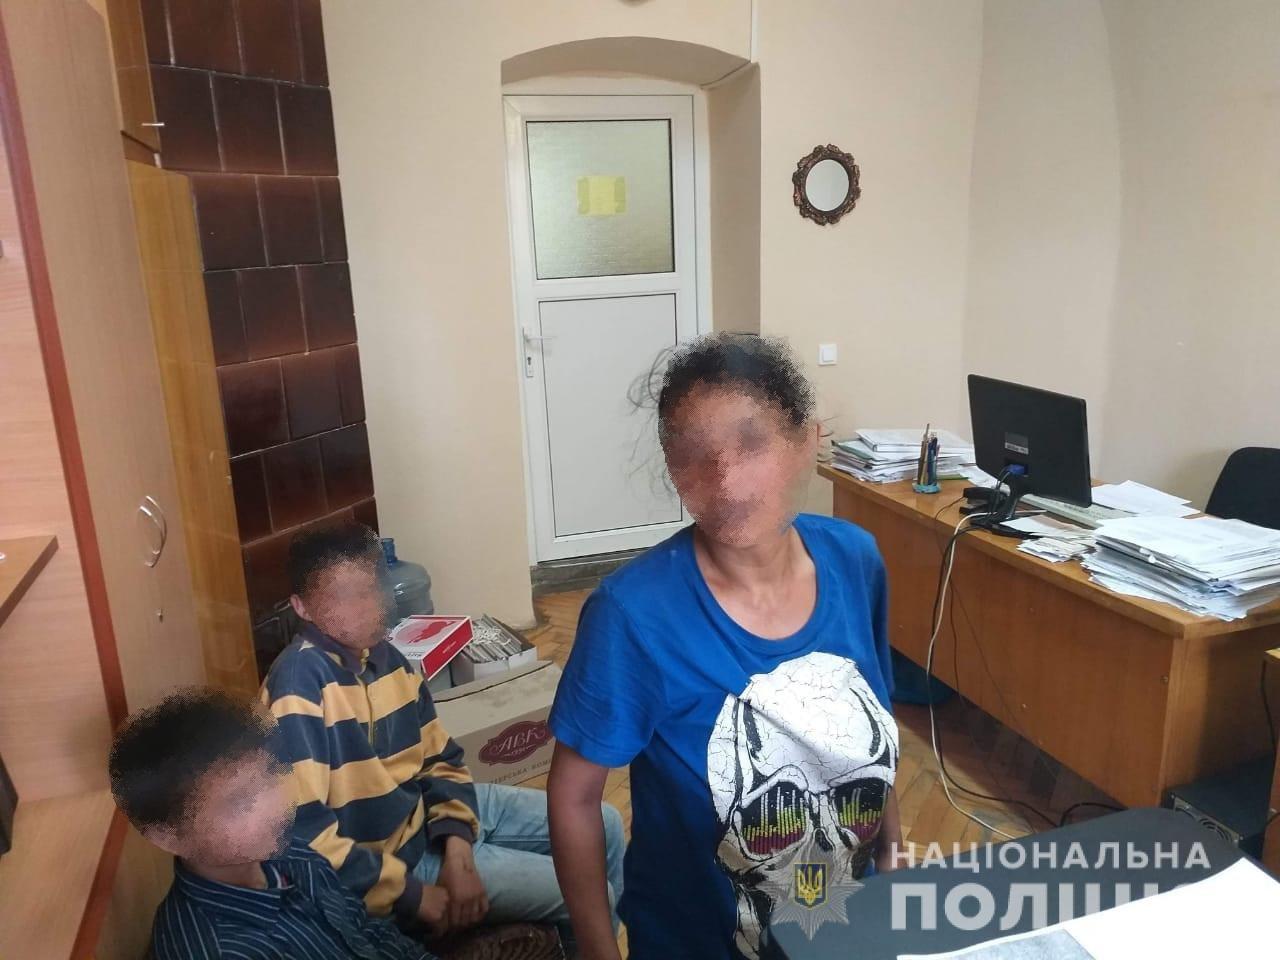 В Ужгороді правоохоронці під час профілактичного рейду виявили дітей, що займались жебрацтвом (ФОТО), фото-2